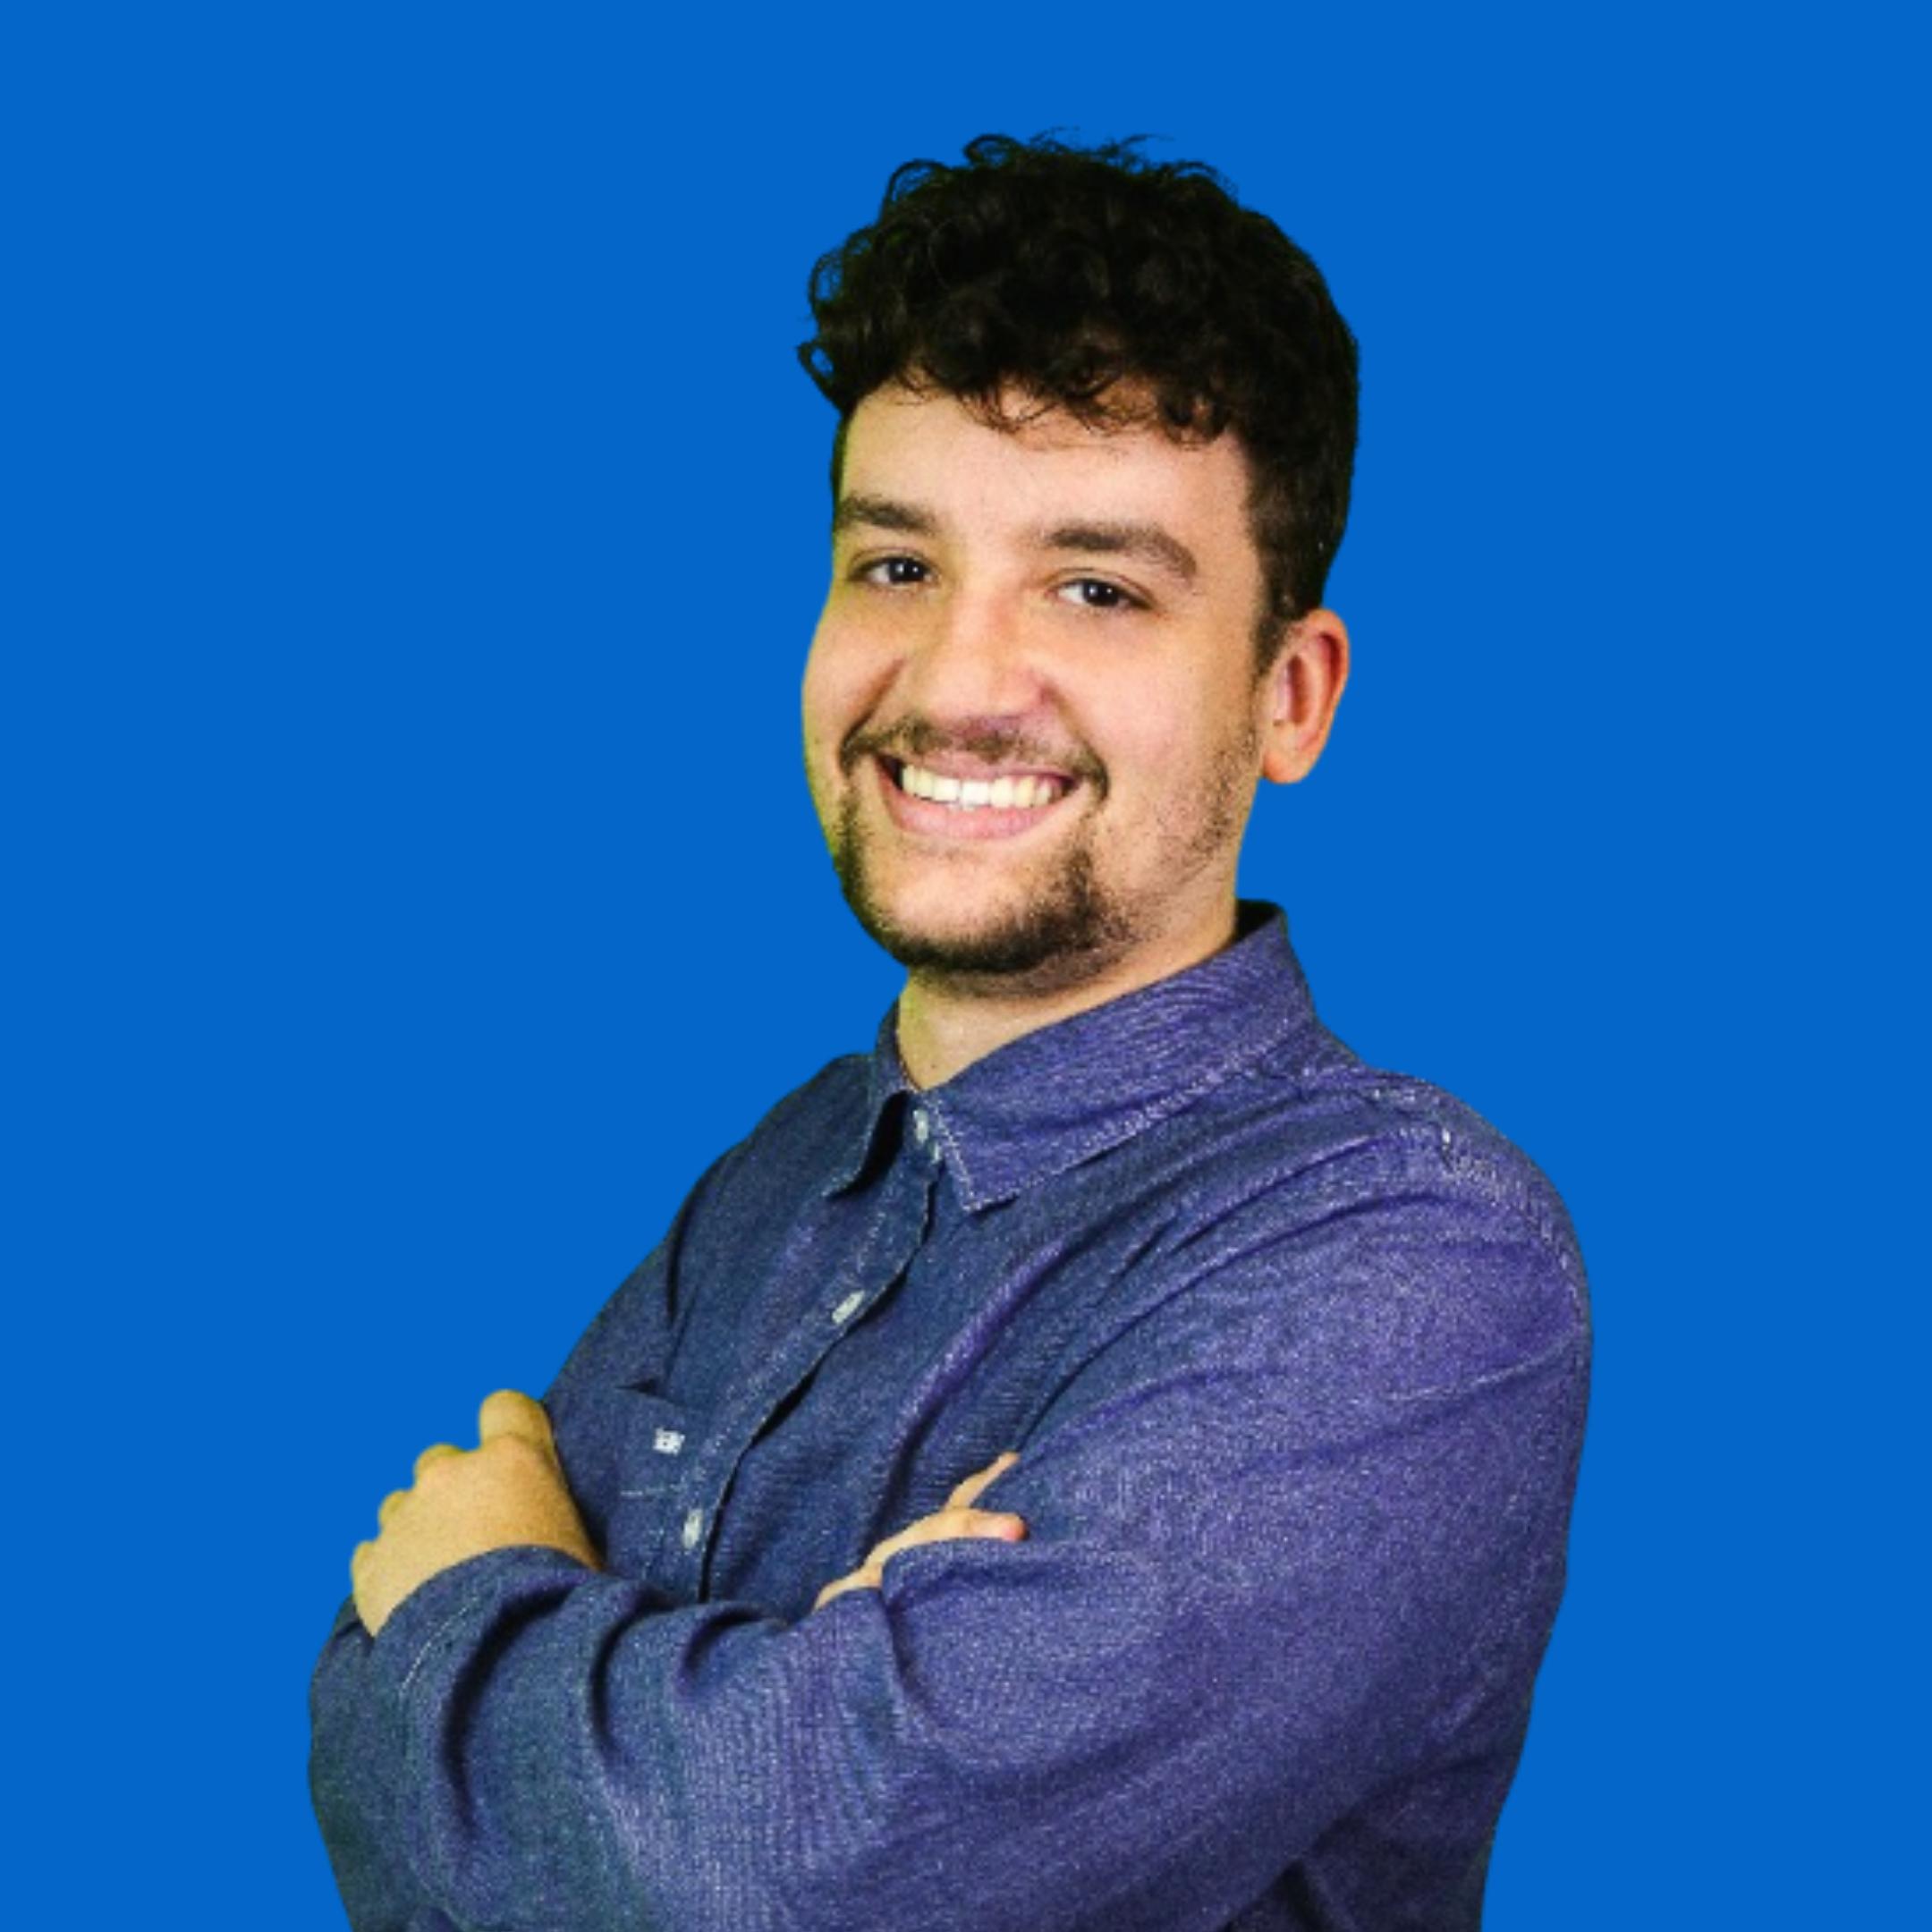 man in blue shirt smiling